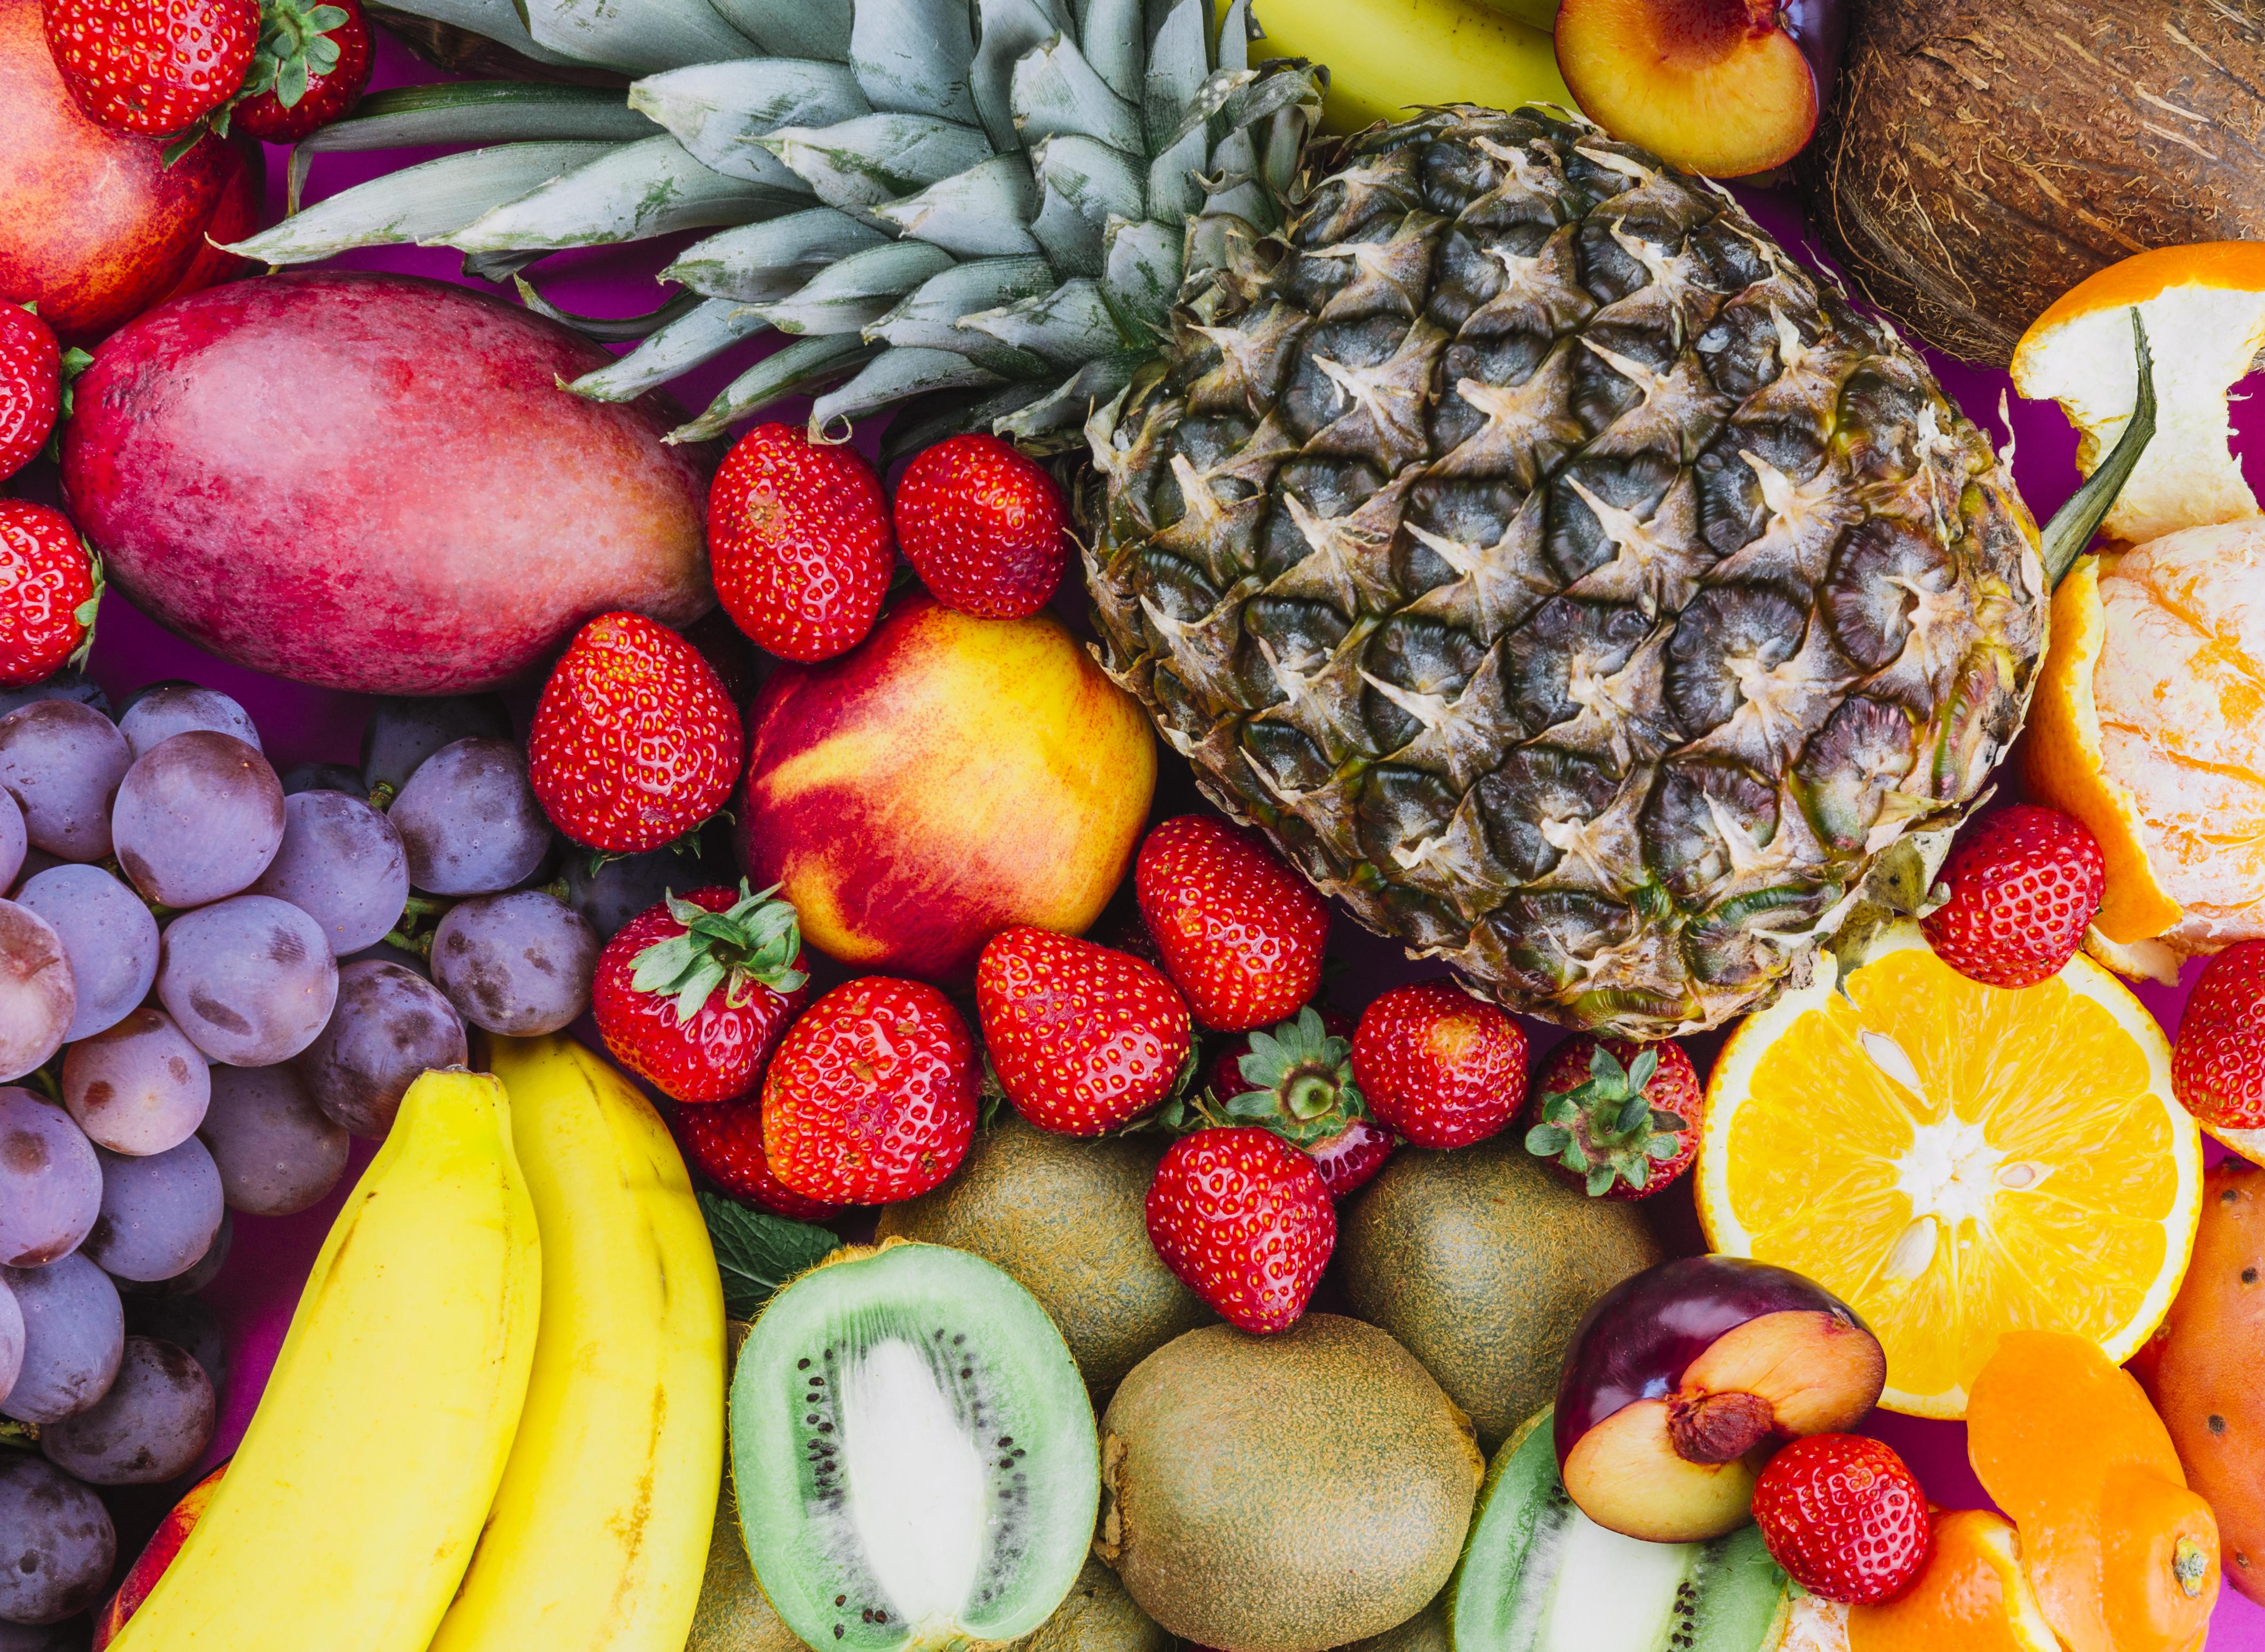 Obst Erdbeeren Kiwi Ananas Trauben Bananen Orangen